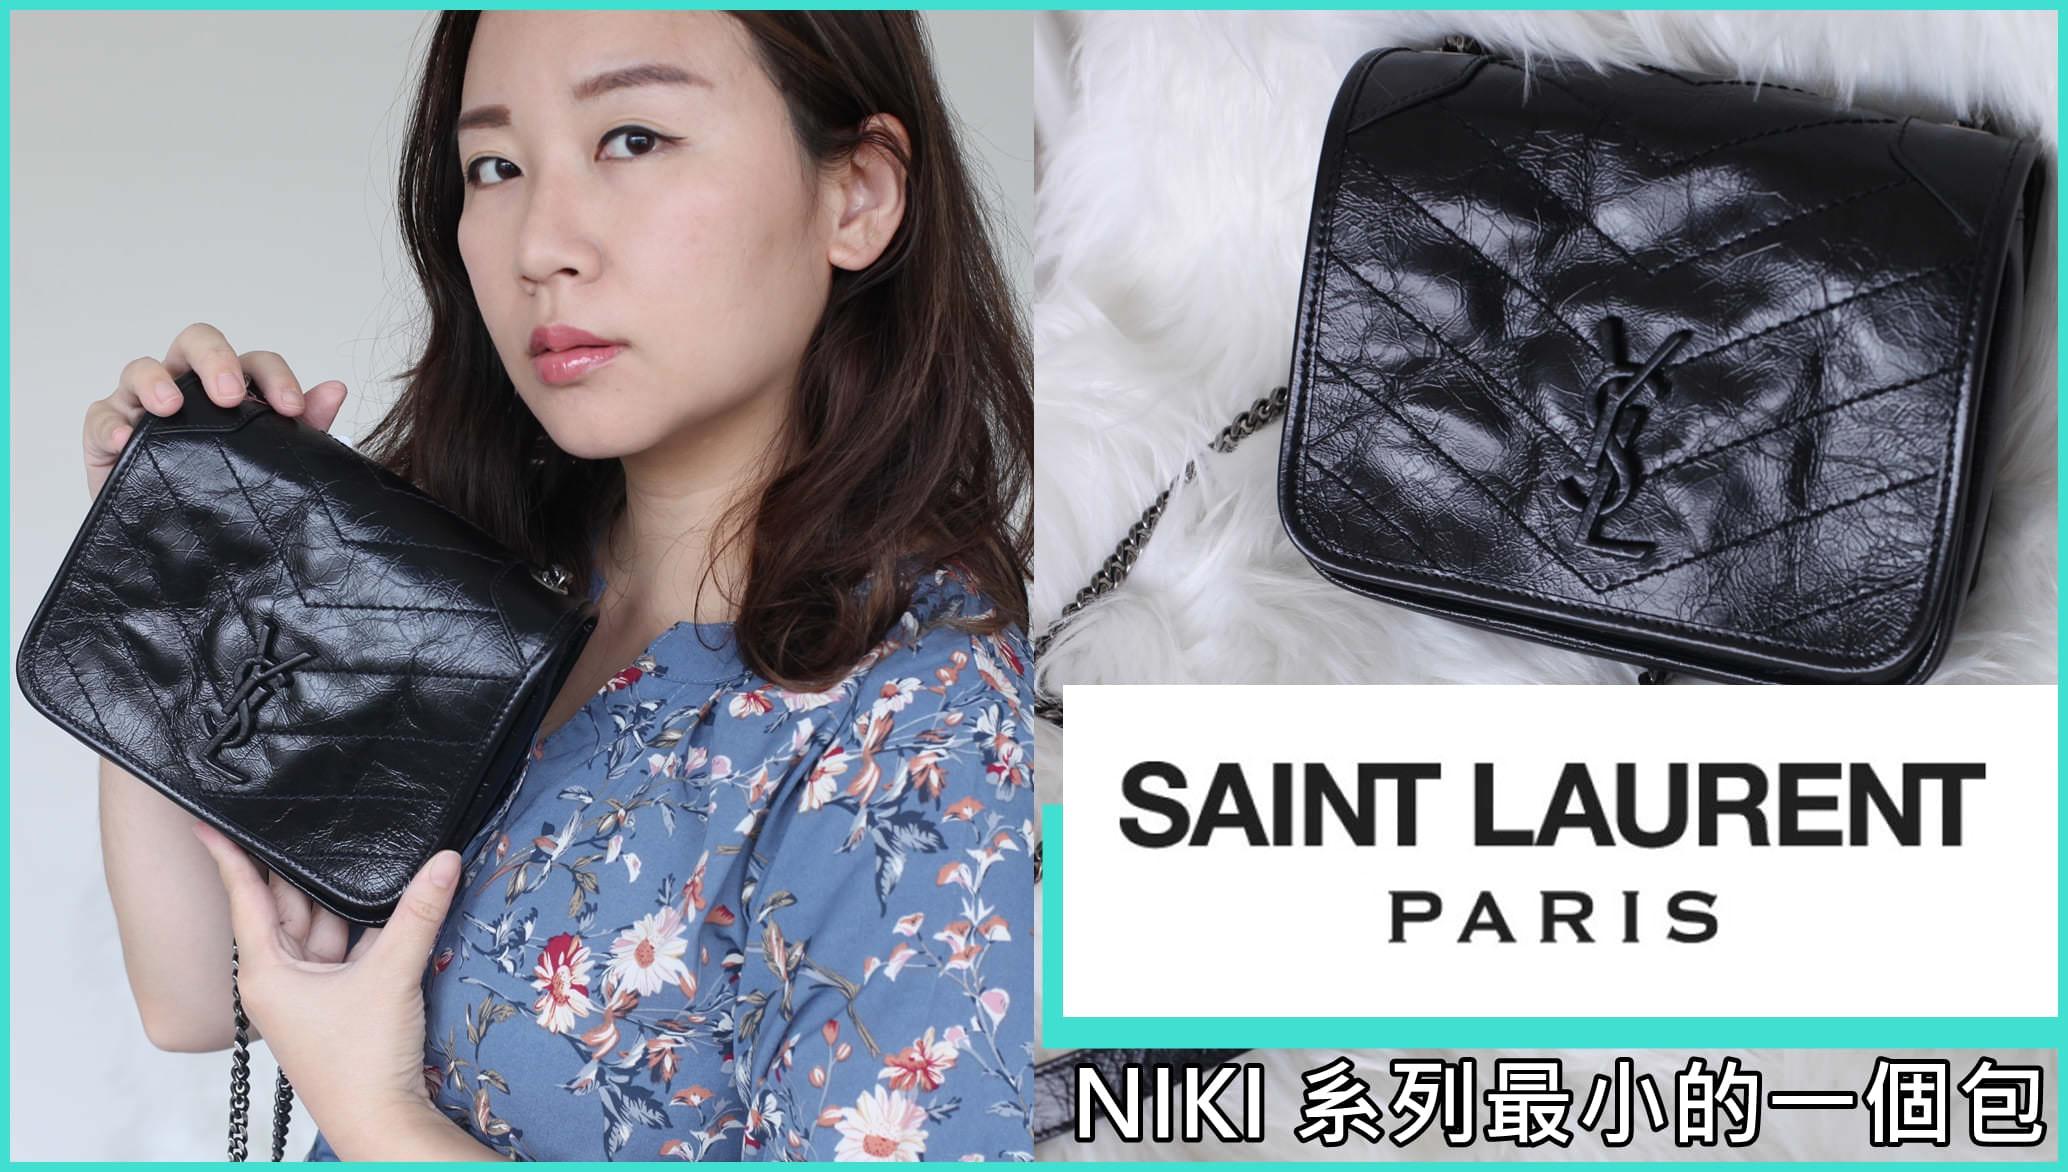 【影音開箱】YSL Saint Laurent niki mini bag 精品包開箱,新款小包跟niki系列長得不一樣呢 | 依娃精品開箱